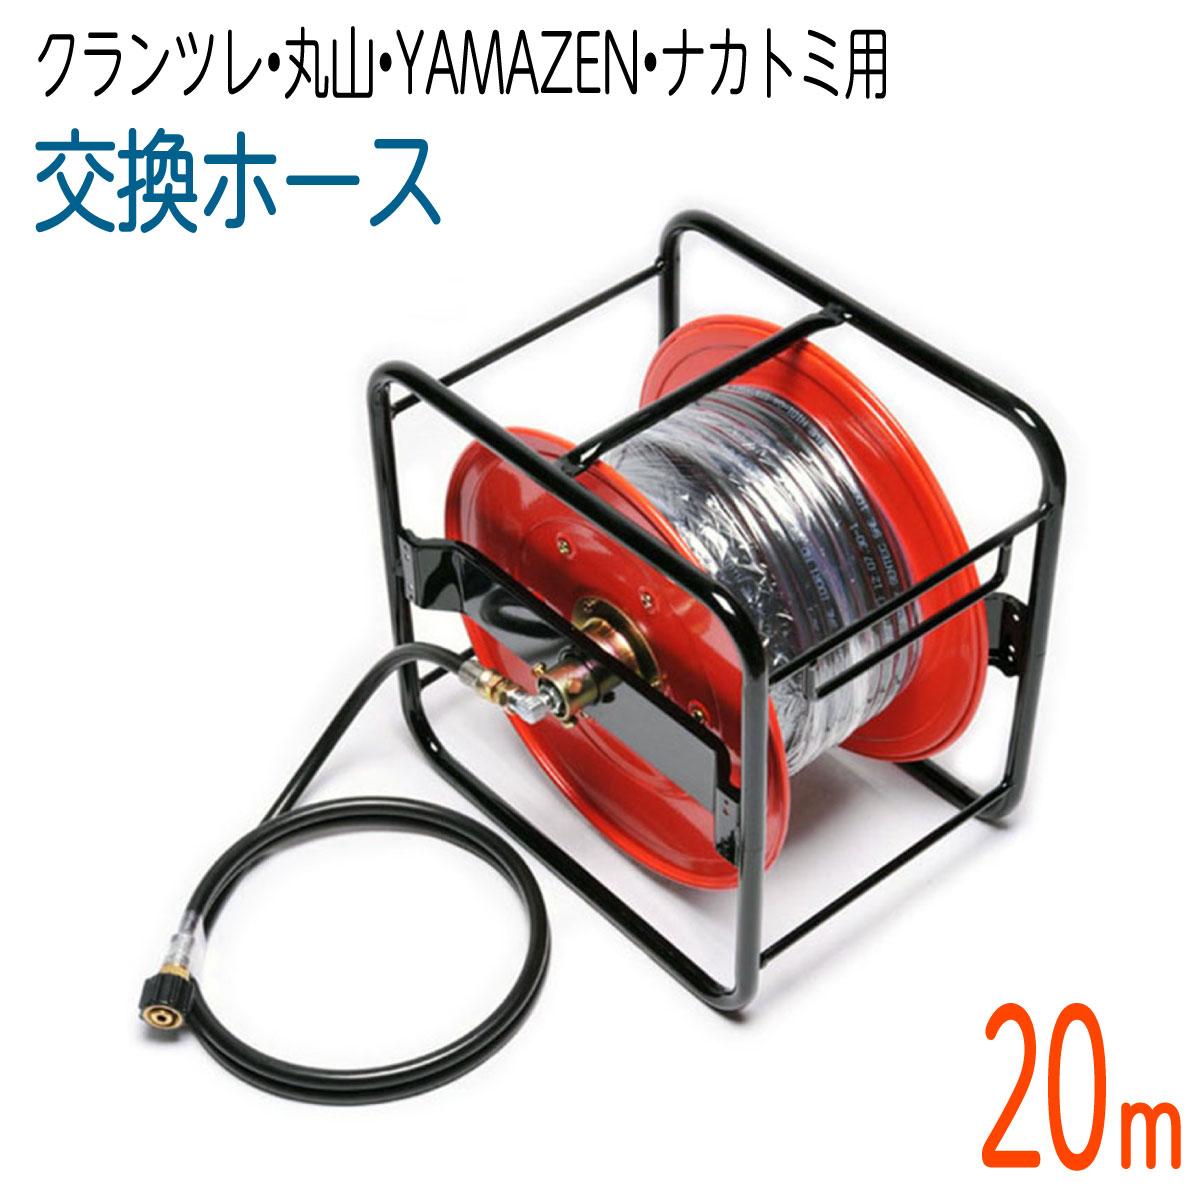 【20Mリール巻き】クランツレ・丸山・YAMAZEN・ナカトミ用 (両端M22メスねじ) 高圧洗浄機ホース 1/4(2分) コンパクトホース